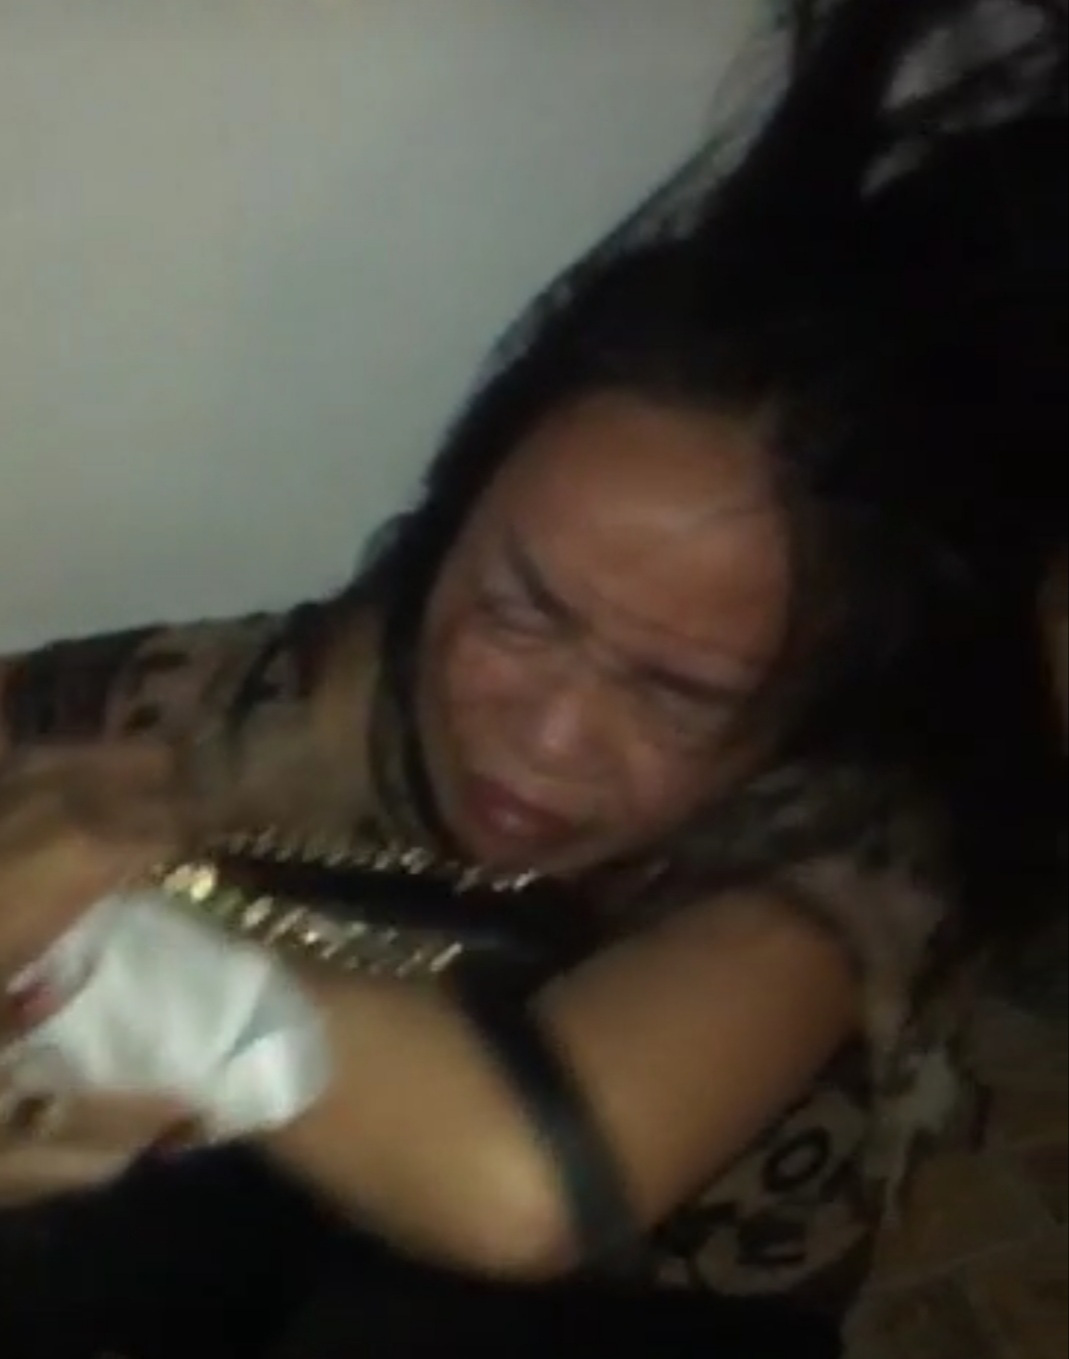 Hải Phòng: Nữ giám đốc Công ty bất động sản bị hành hung, làm nhục, đăng tải clip lên mạng internet  - Ảnh 4.